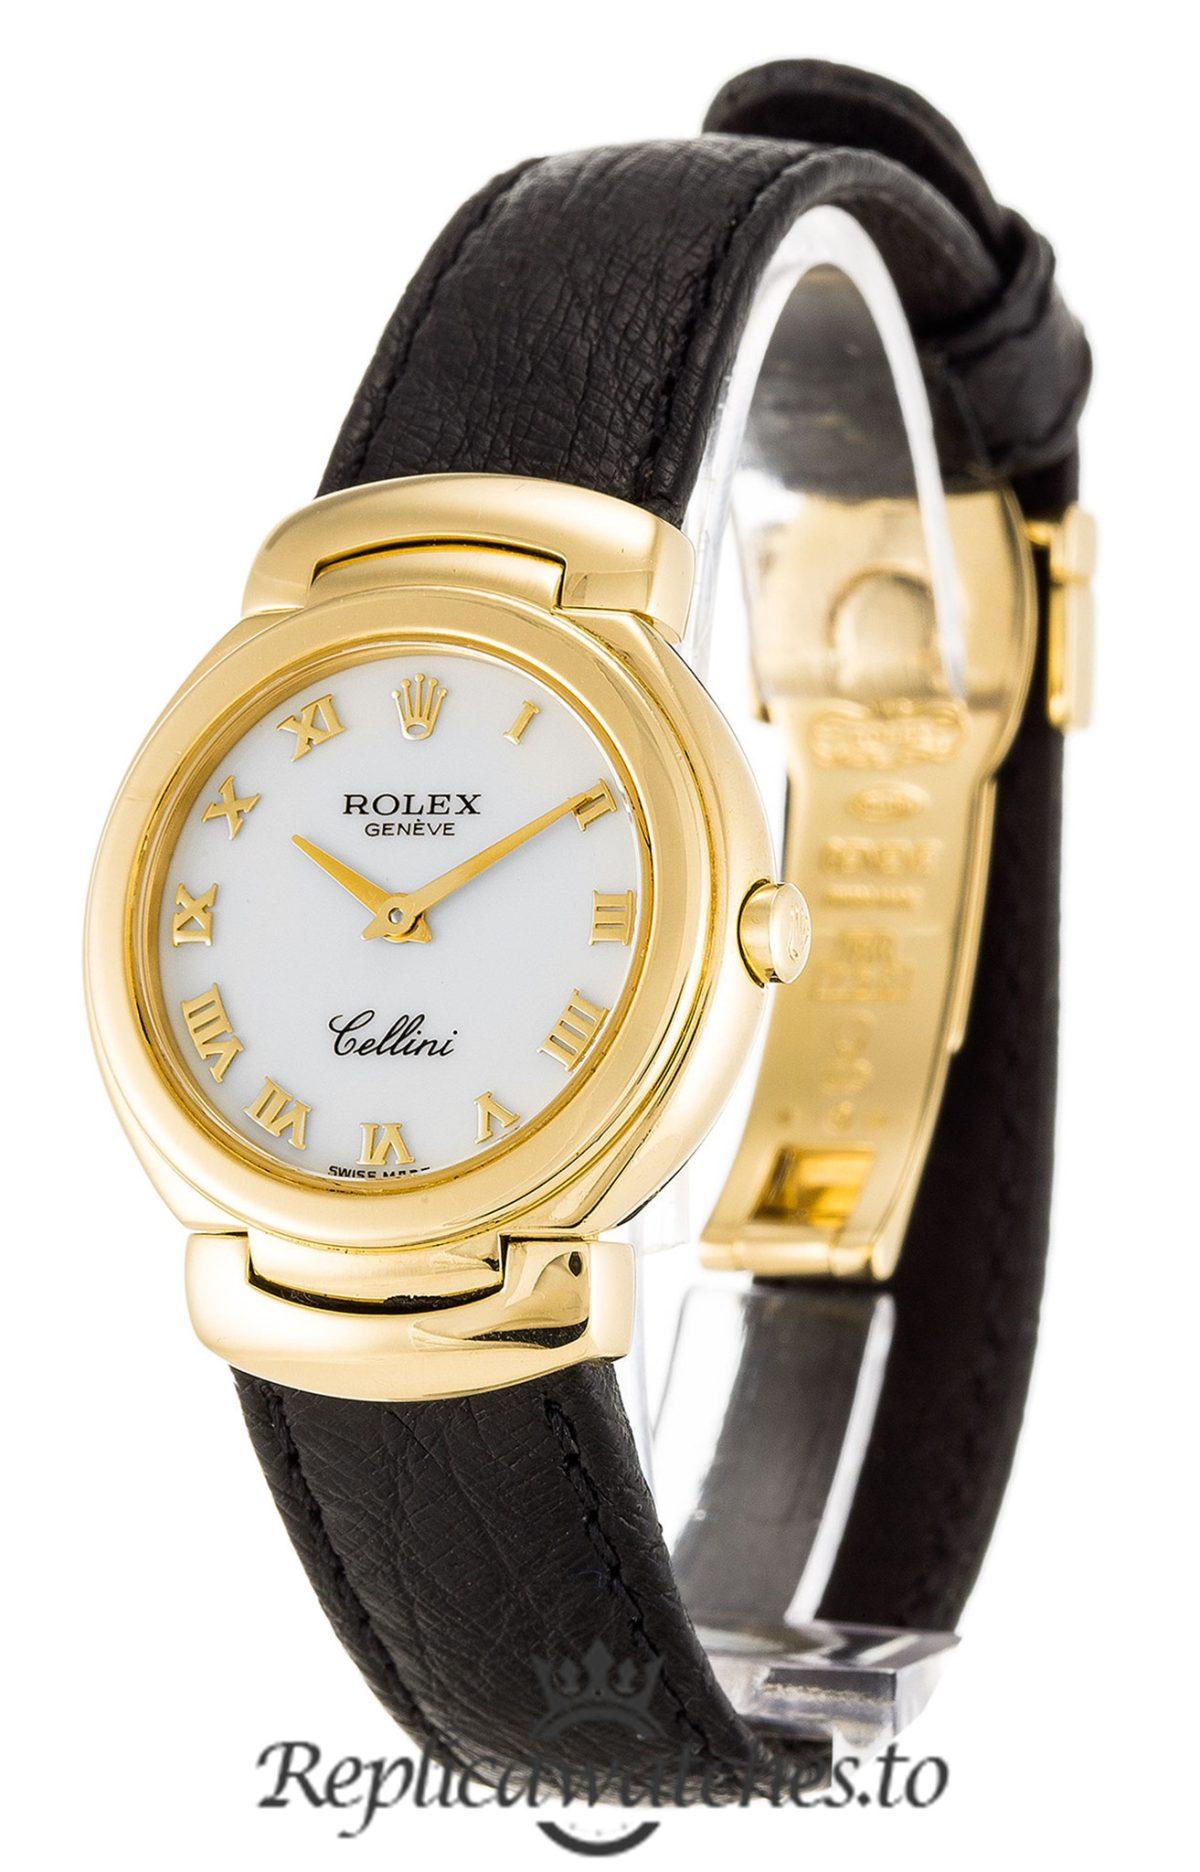 Rolex Cellini Replica 6621/8 Black Strap 26MM